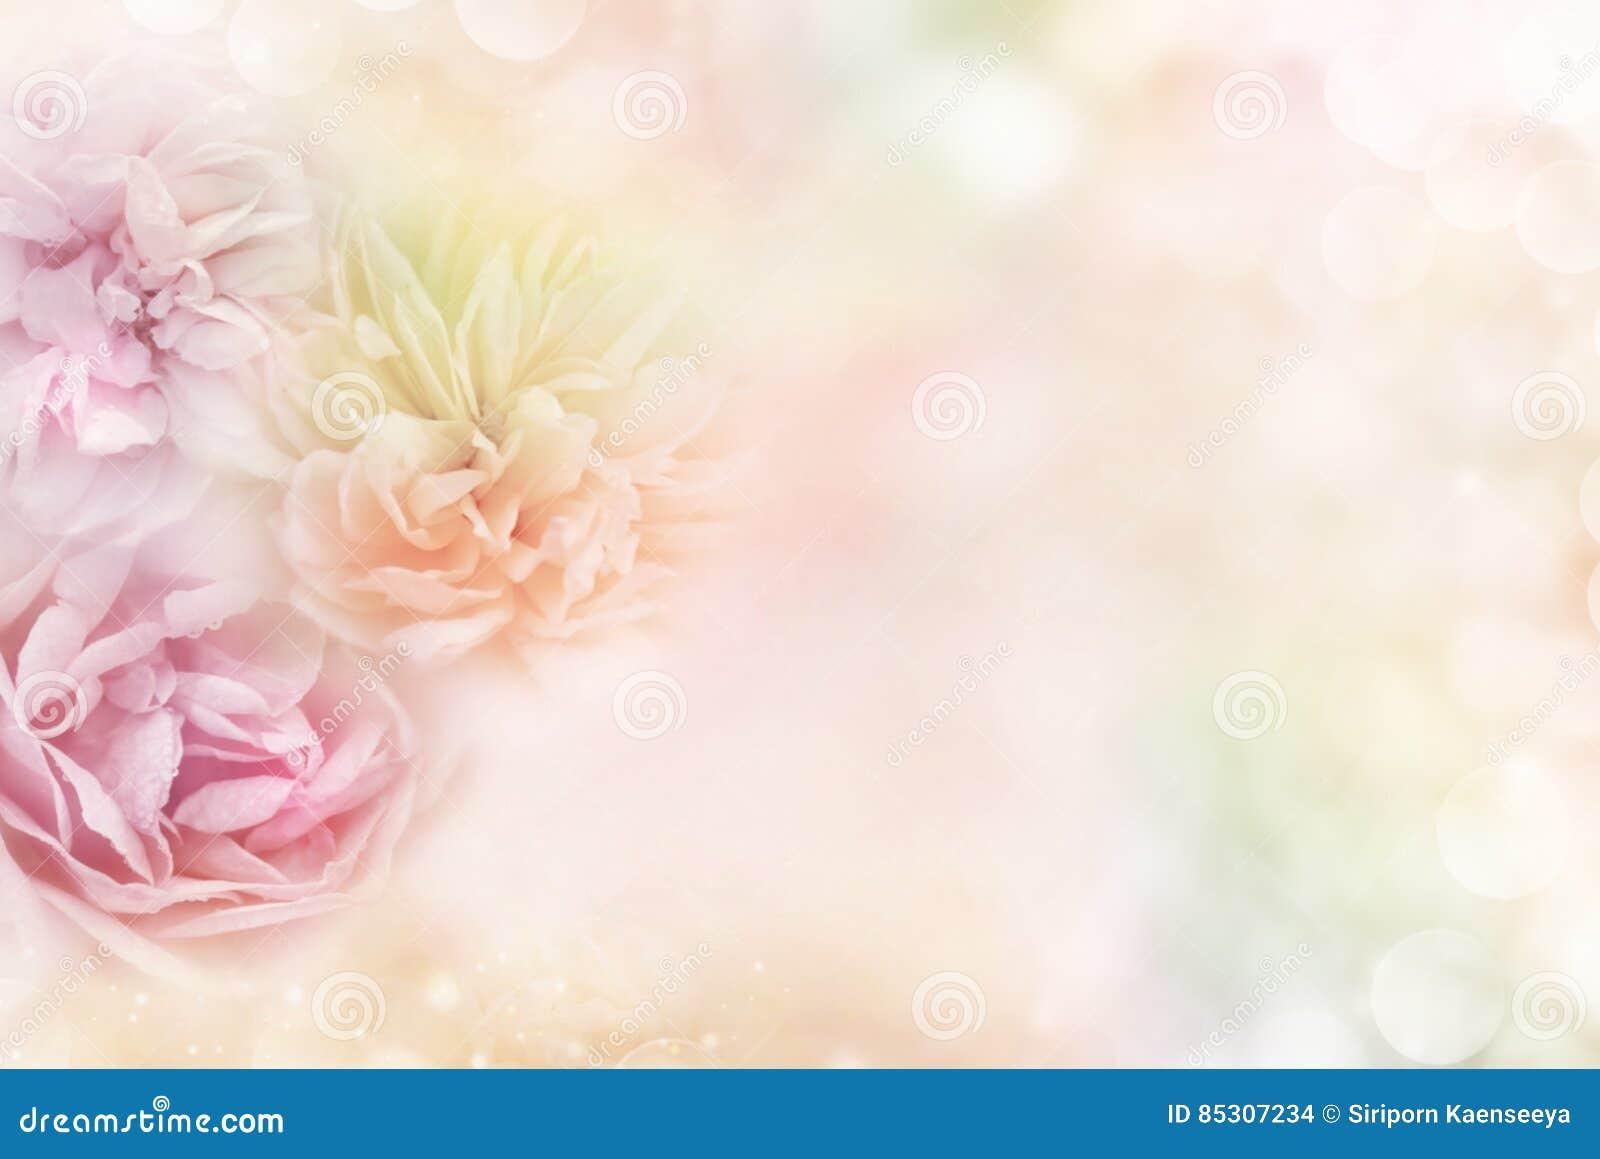 Τριαντάφυλλα σε ένα μαλακό υπόβαθρο κρητιδογραφιών, το οποίο μεταβιβάζει τις έννοιες της ημέρας βαλεντίνων ` s αγάπης